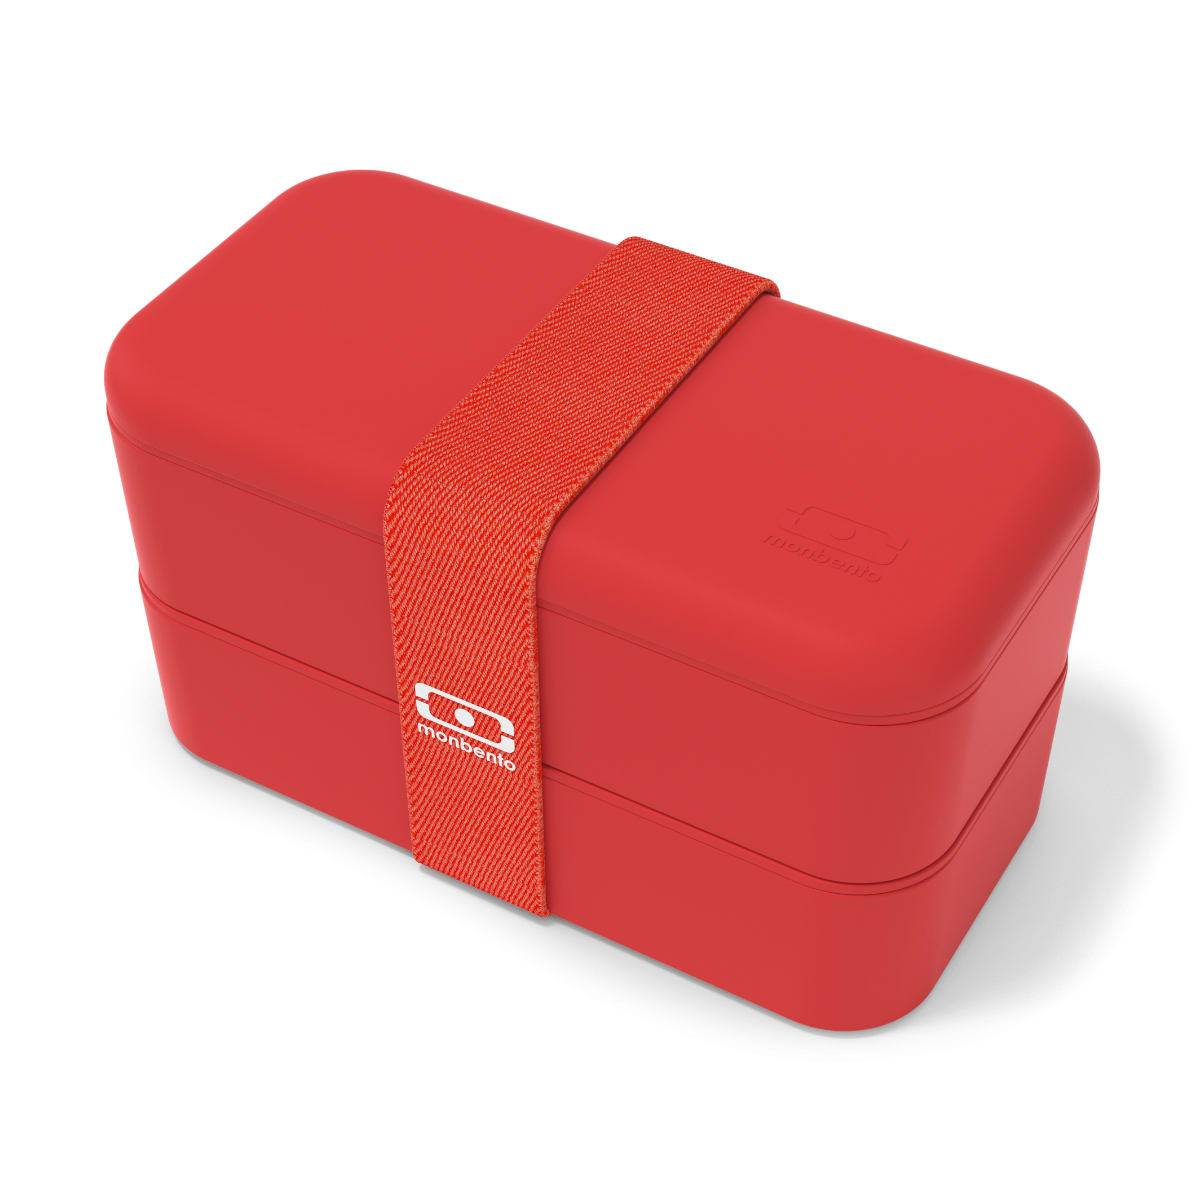 Monbento Bento rouge podium 1L